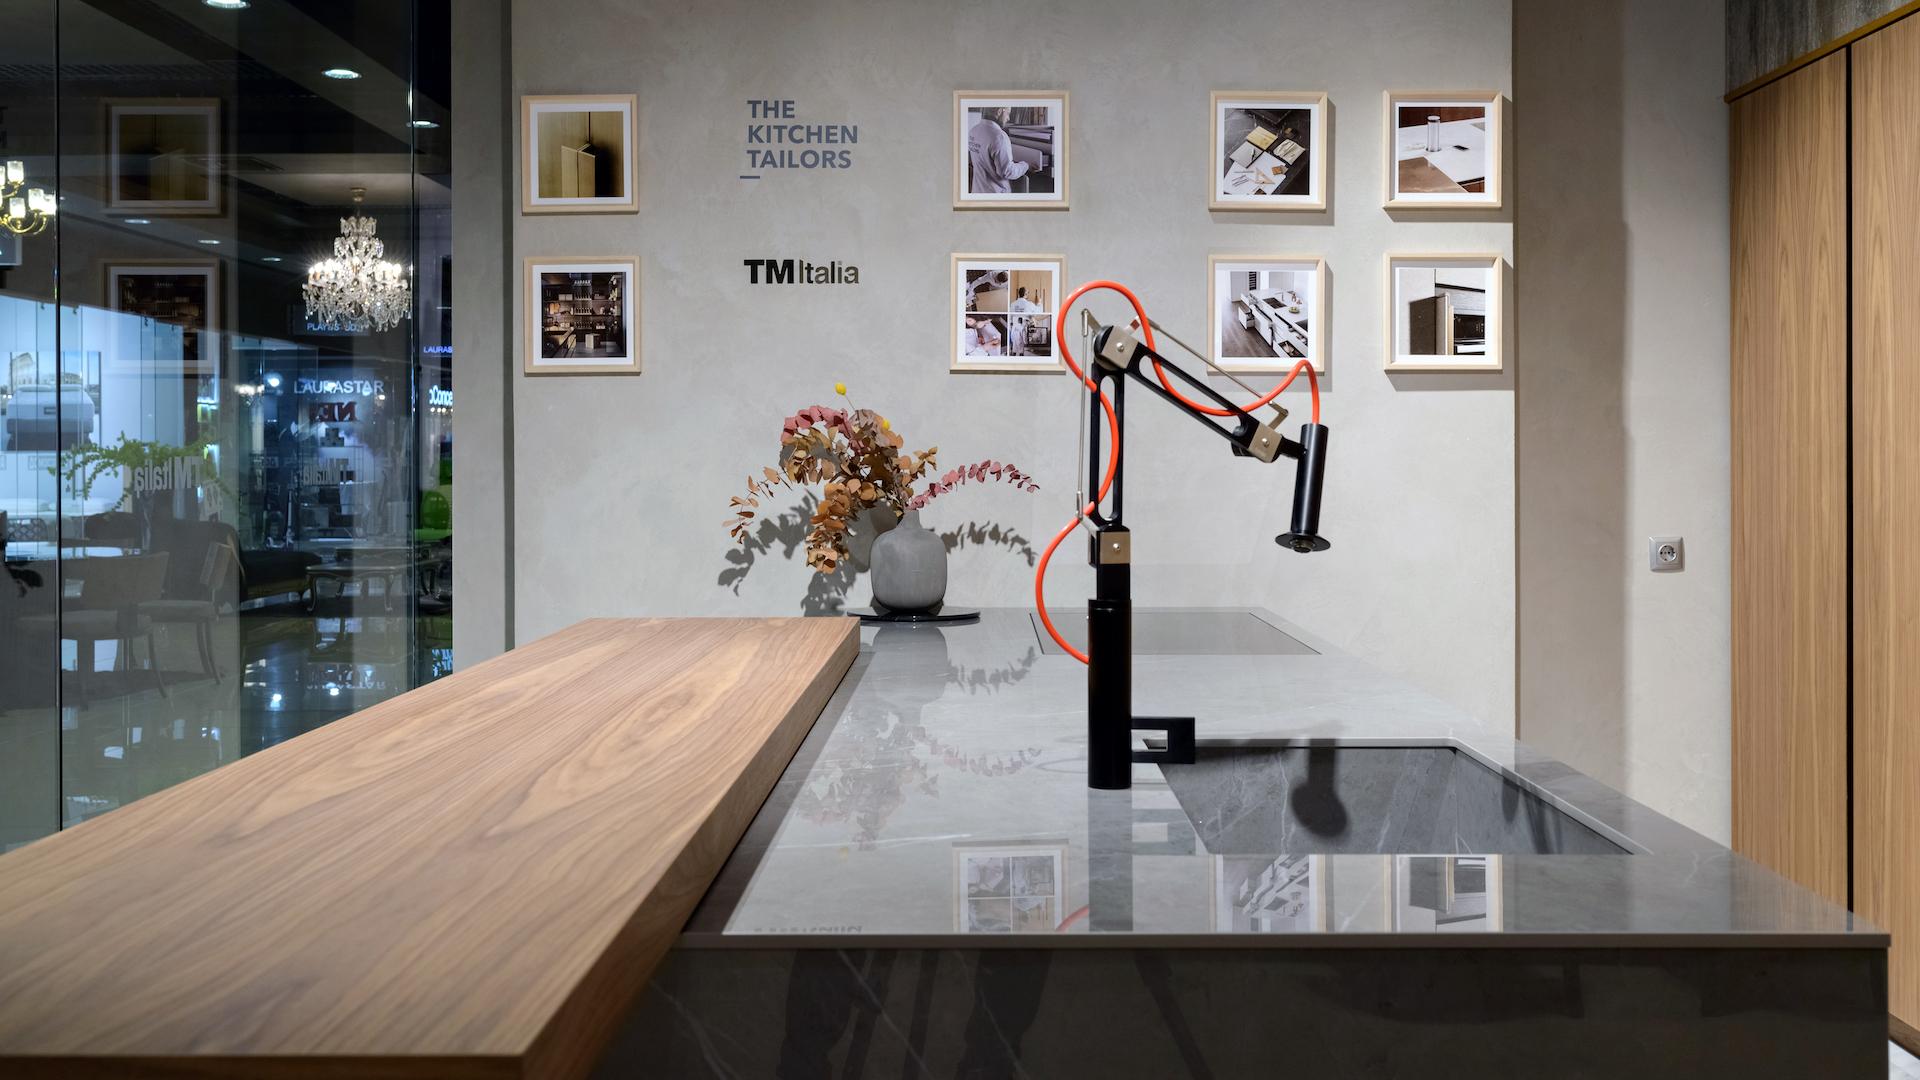 201910 - Cucina con isola e colonne in Noce Canaletto - Cucine su Misura | TM Italia Cucine - TMItalia_Kiev_T45-D90_Gallery02